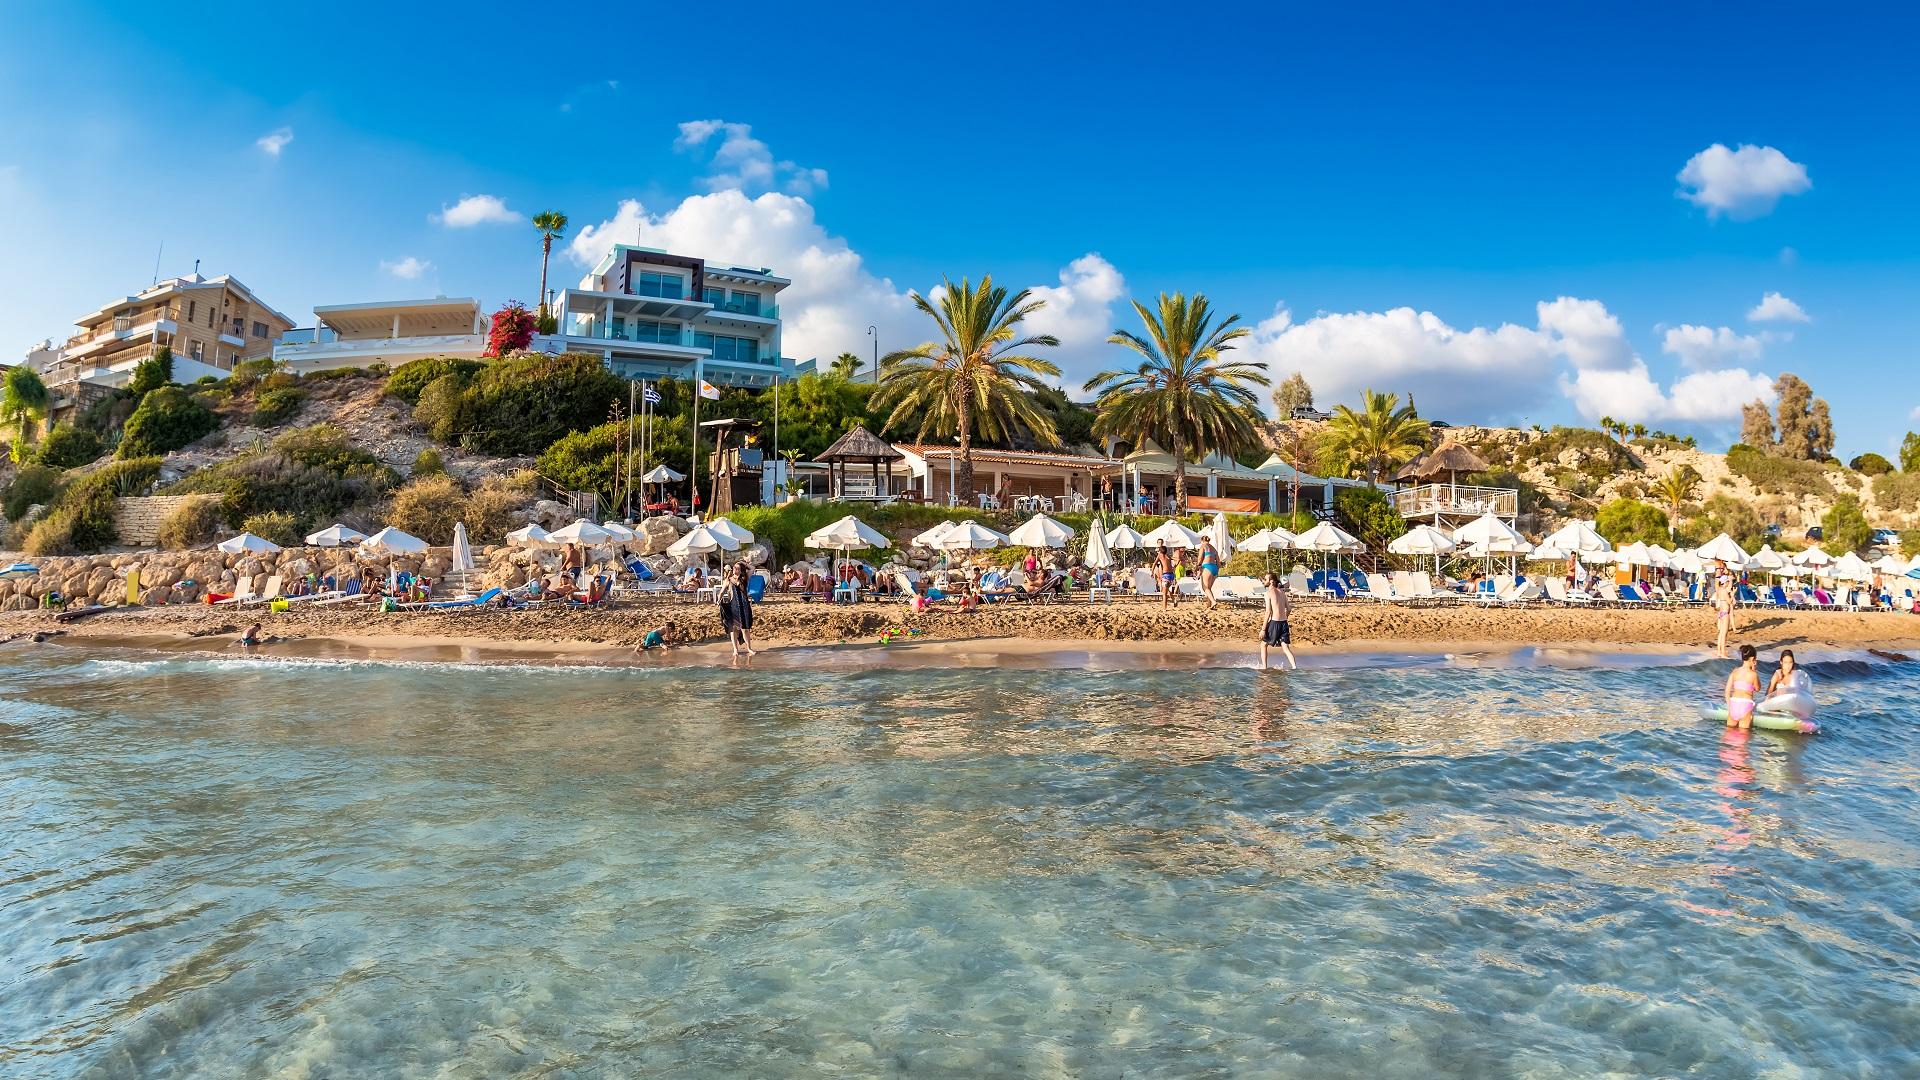 Mensen ontspannen op Coral Bay Beach, een van de beroemdste stranden van Cyprus